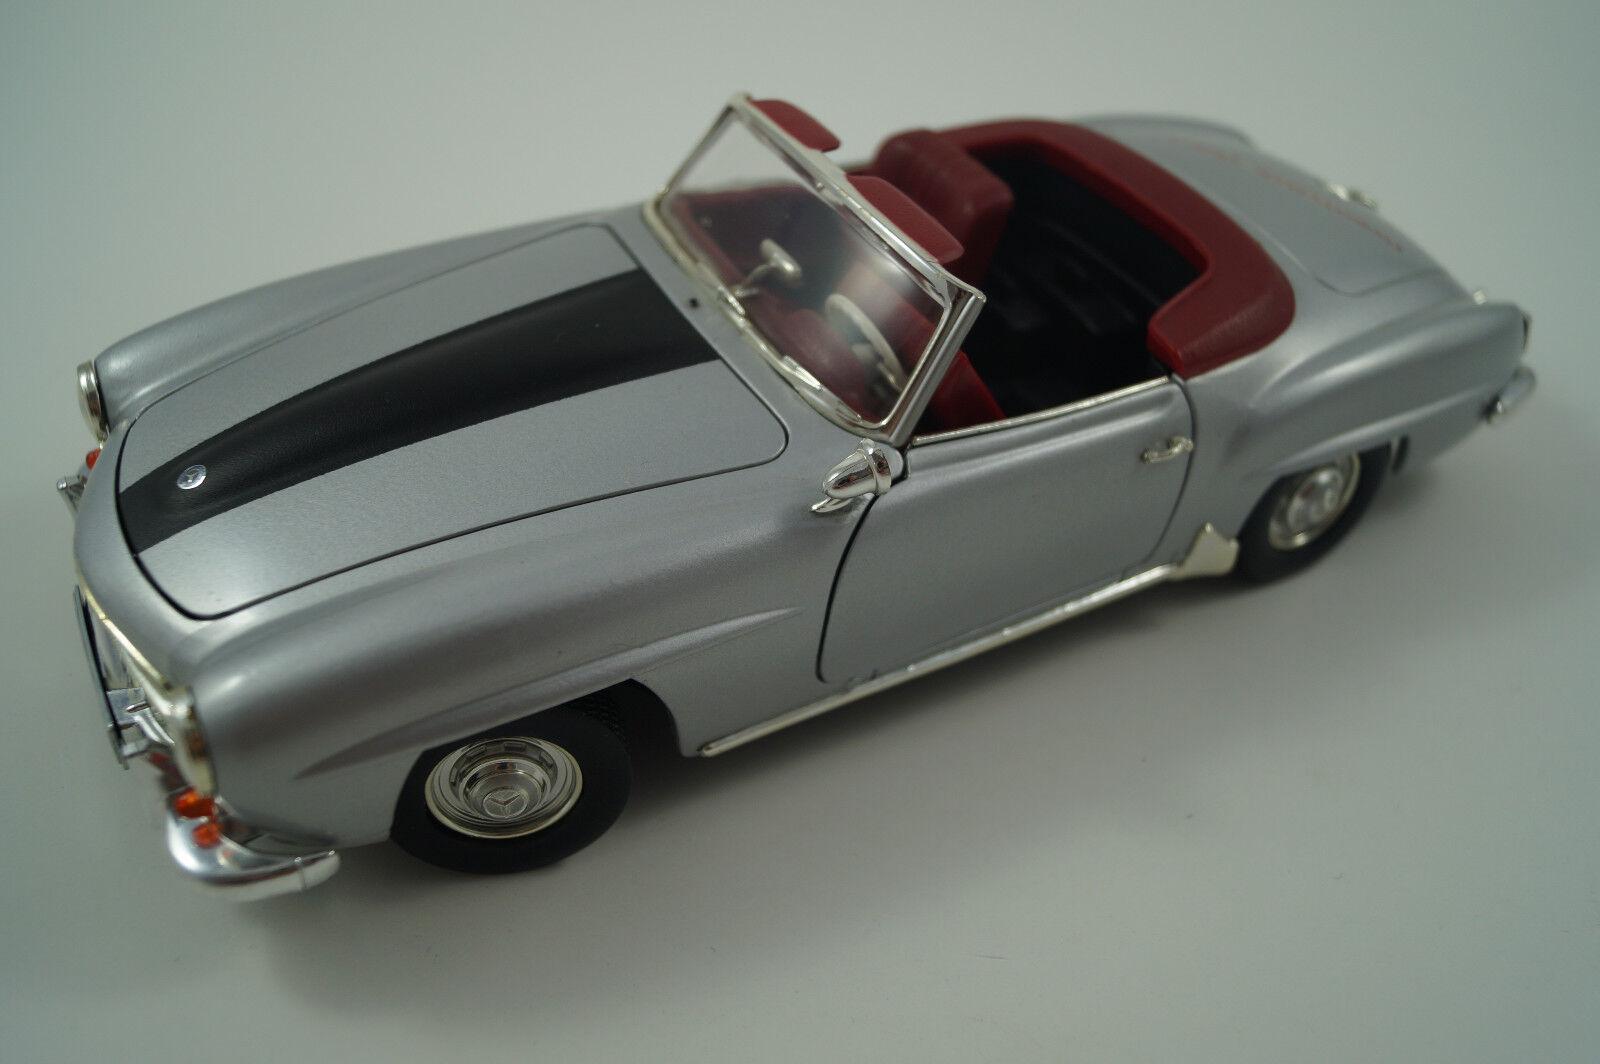 ERTL modello di auto 1 18 Mercedes-Benz 190 SL 25 anni